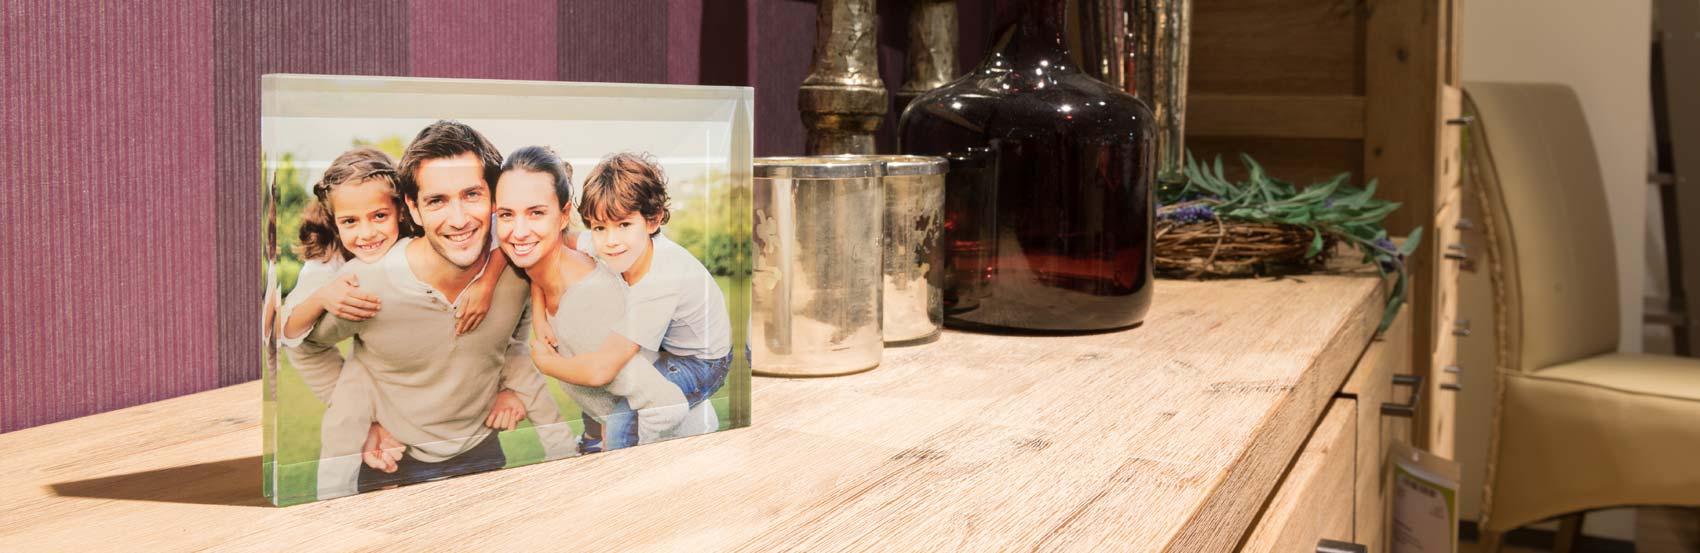 Neu im Sortiment: die Glasfotos in Farbe - in fünf verschiedenen Größen erhältlich